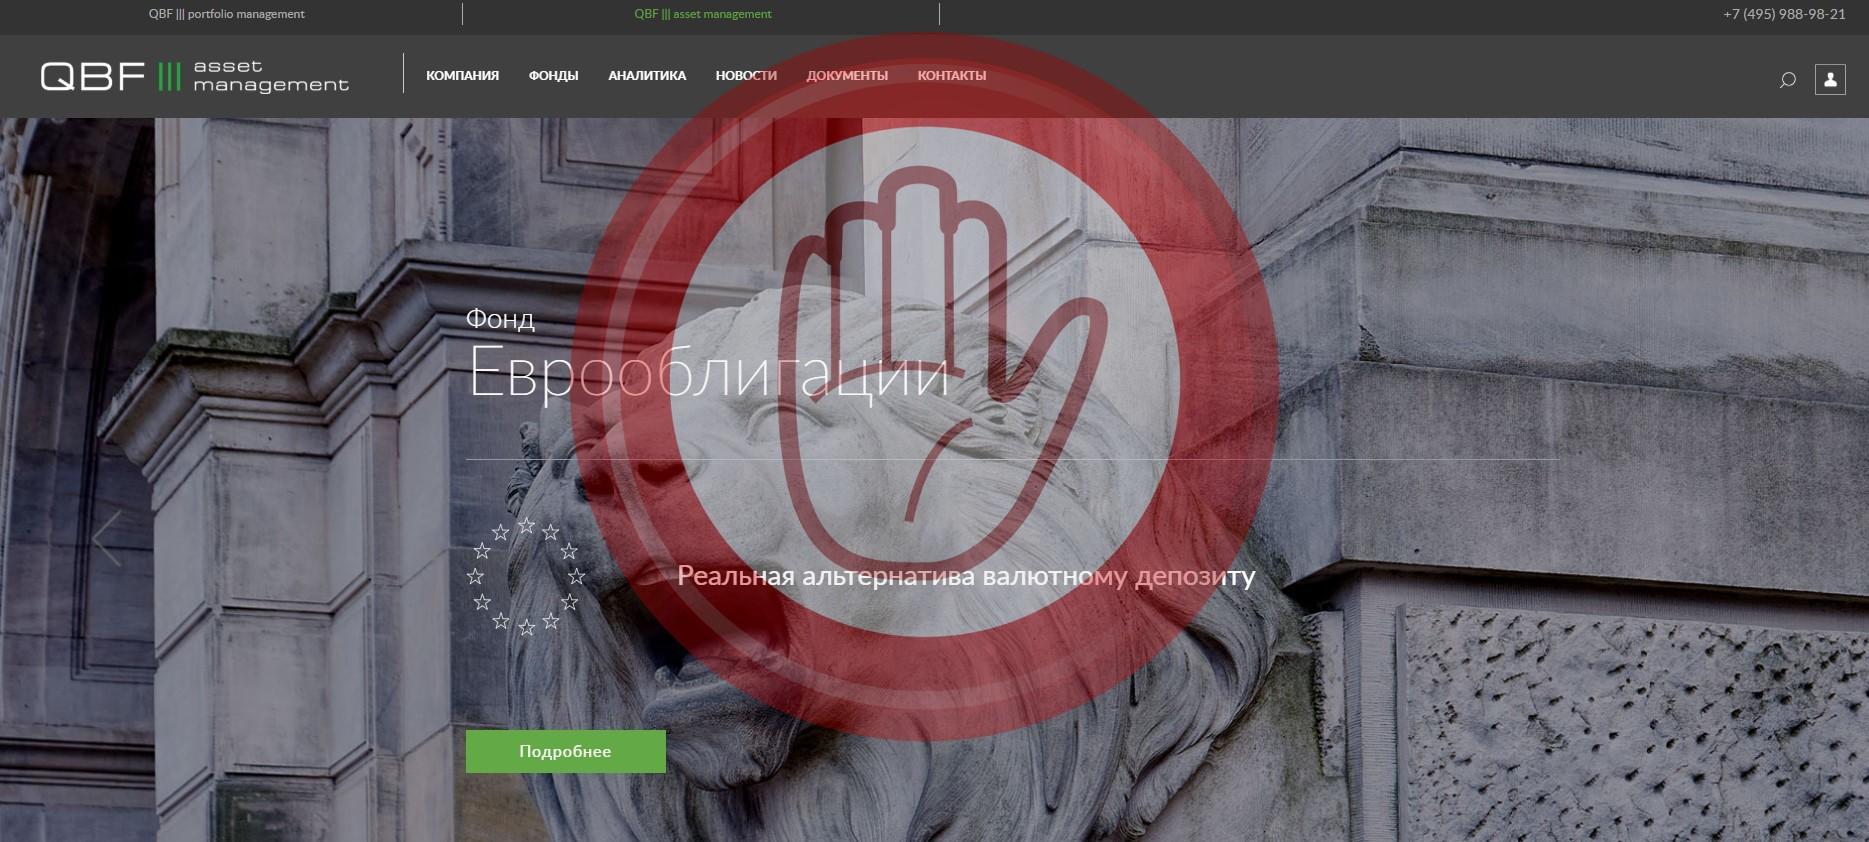 Qbf — обычный хайп для школьников от qbfam.ru